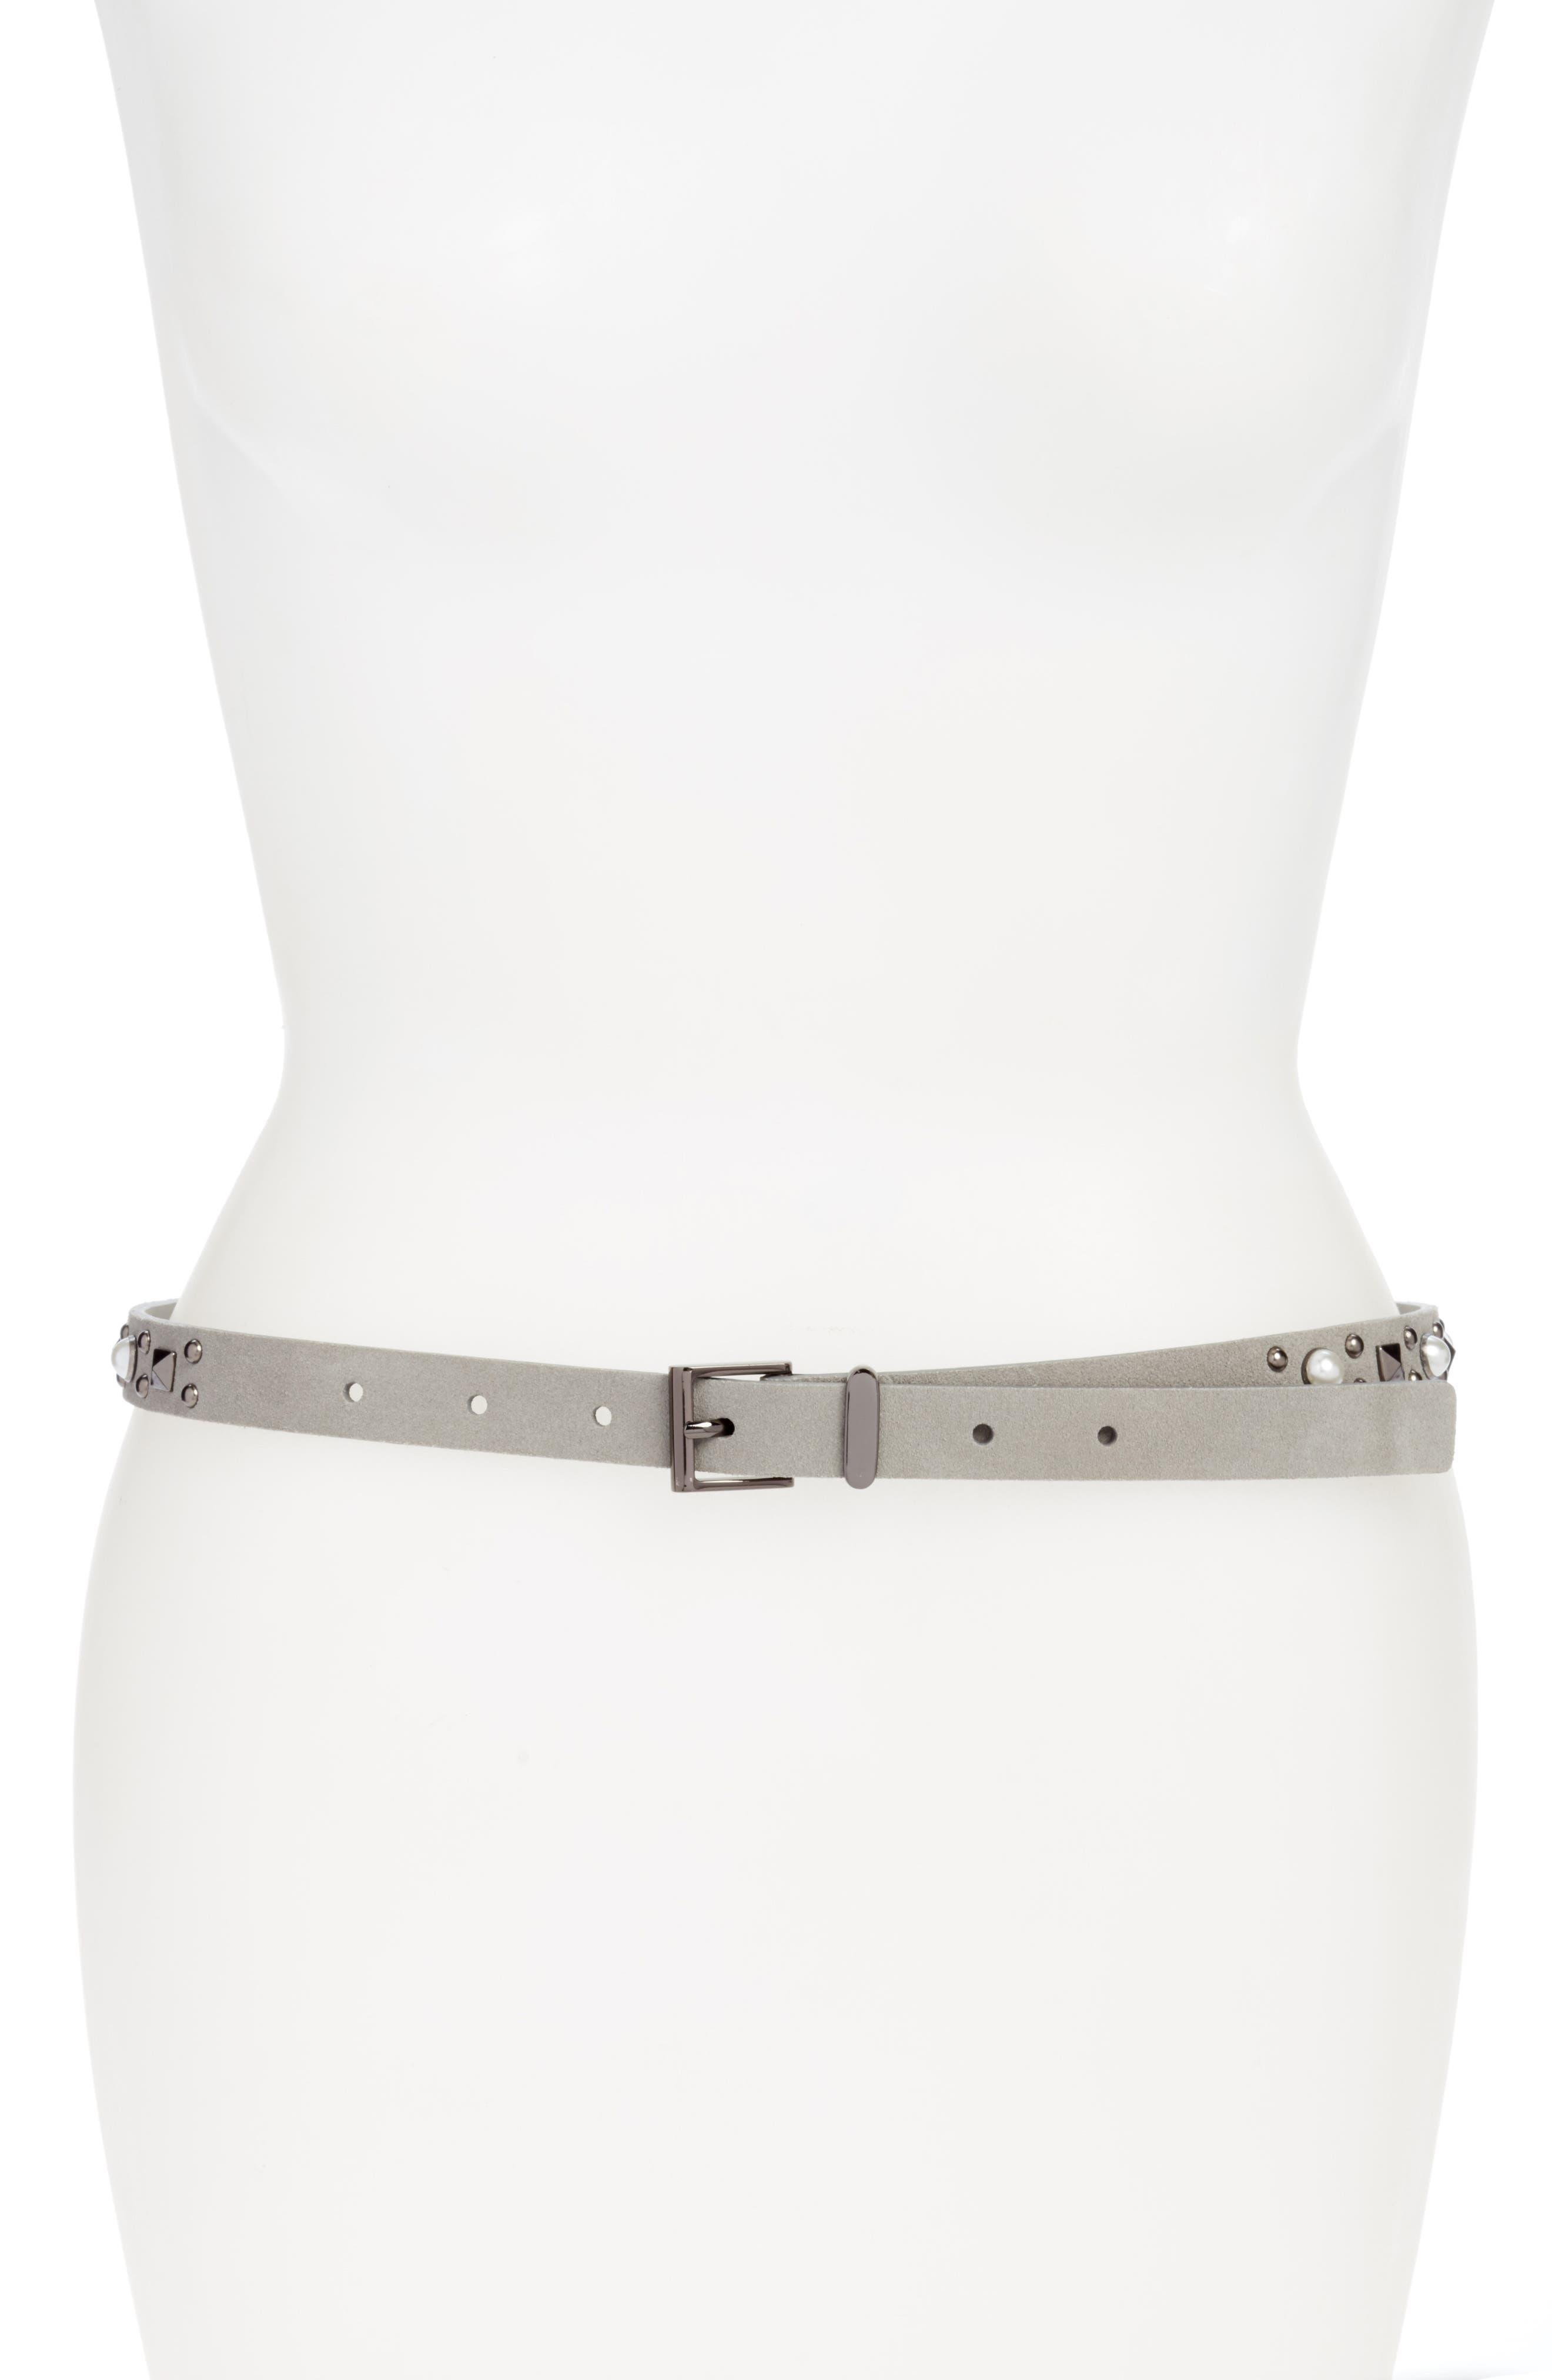 Alternate Image 1 Selected - Halogen® Imitation Pearl Studded Skinny Belt